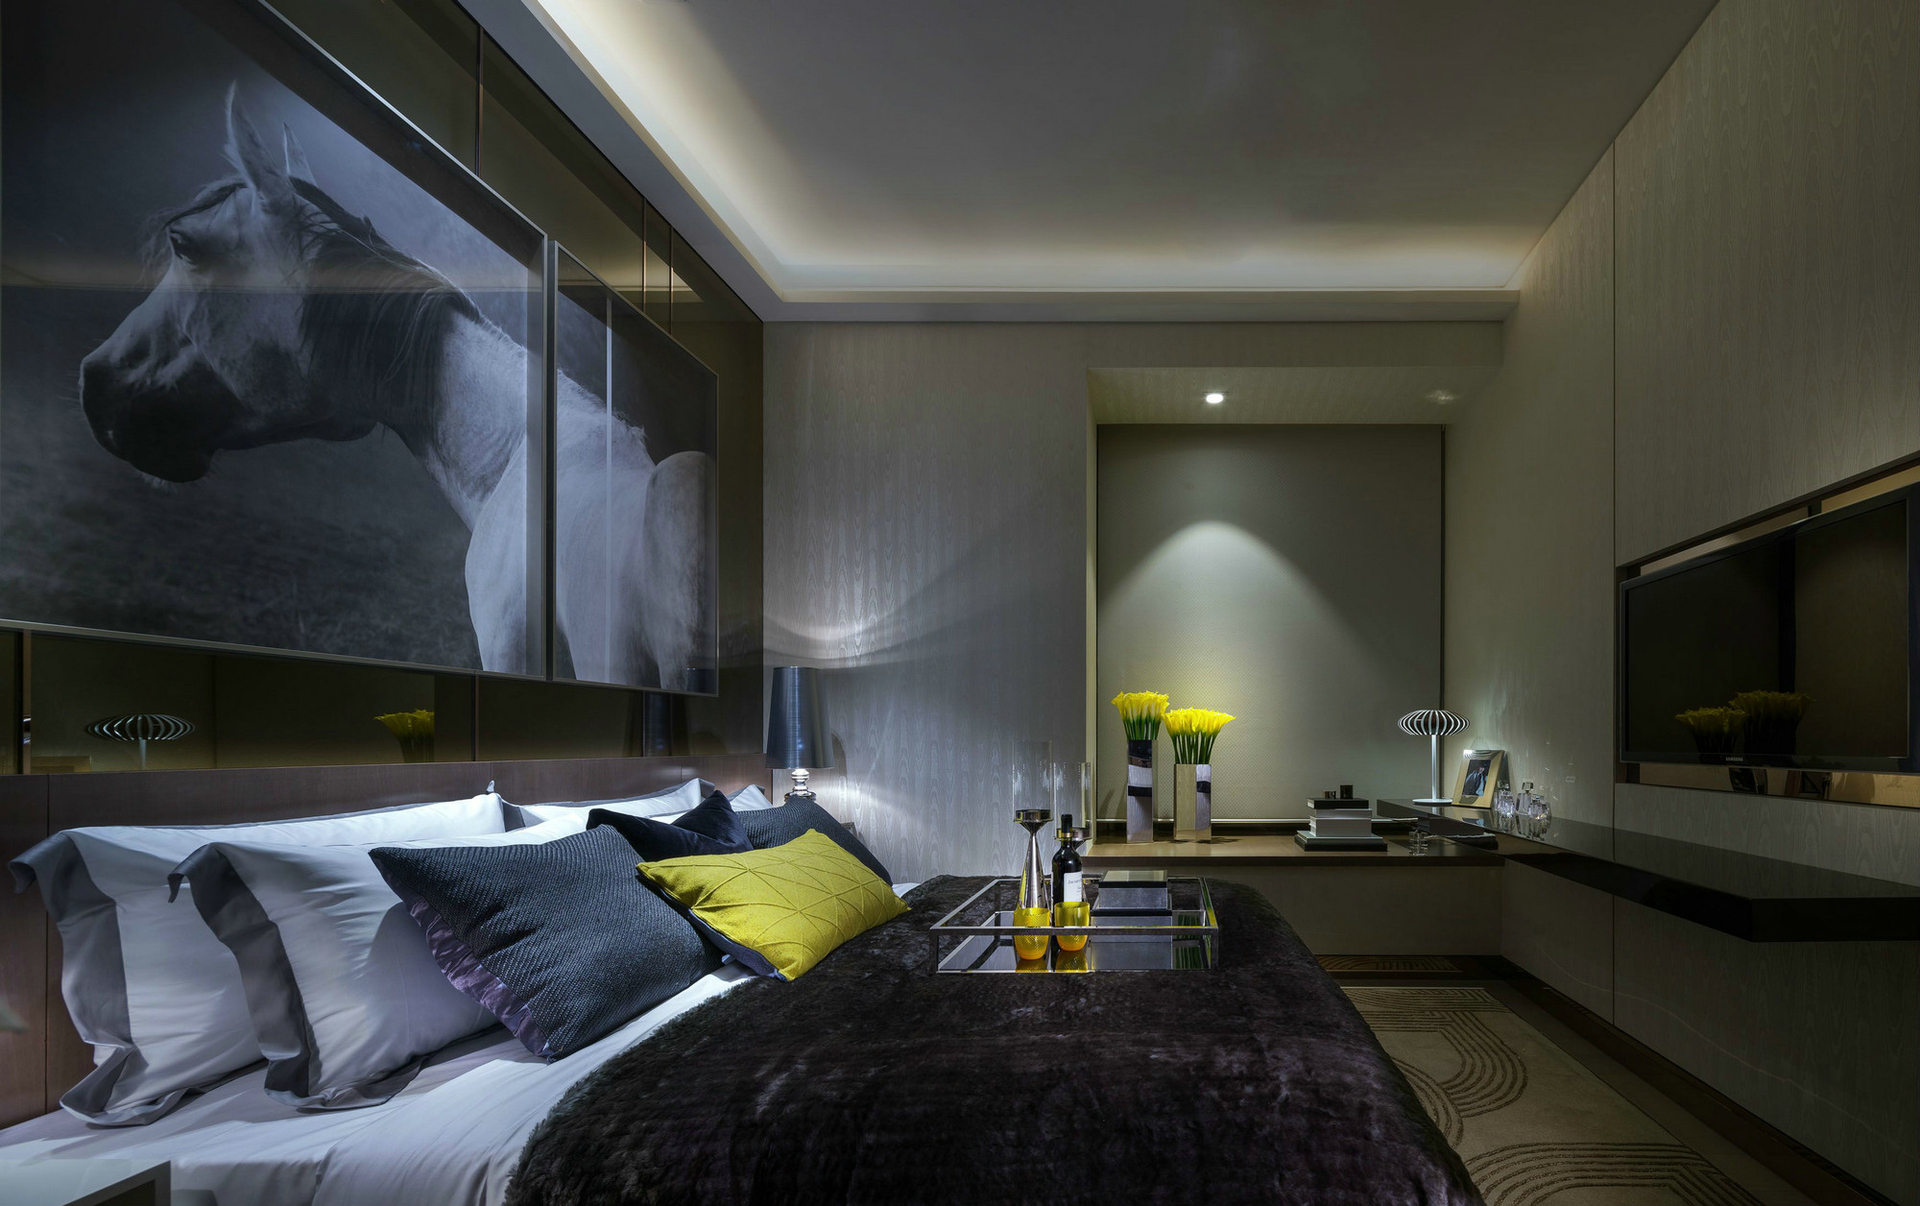 卧室图片来自西安紫苹果装饰工程有限公司在75平公寓的分享